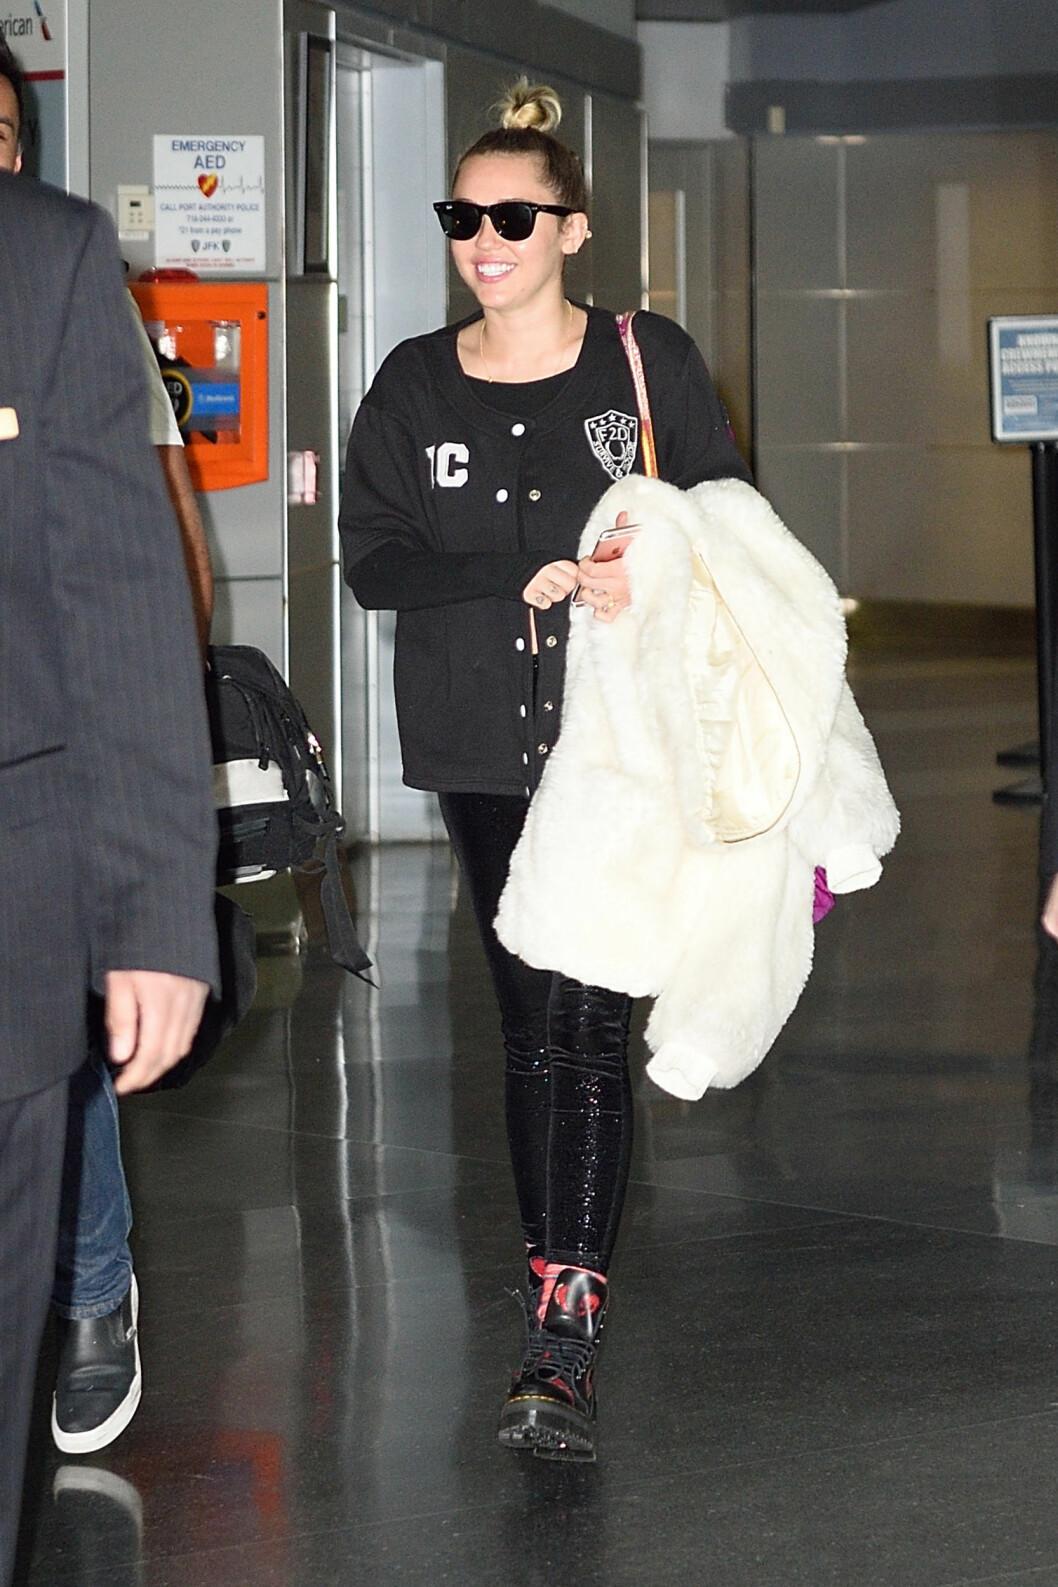 NÅ: De siste månedene har Miley tonet ned sin elleville stil et par hakk – noe mange mener skyldes blondinens påståtte gjenforening med Liam Hemsworth. Ellers bruker den godhjertede stjernen mye tid på å fremme likestilling, og å kjempe lidenskapelig for å dyrs rettigheter. Foto: Splash News